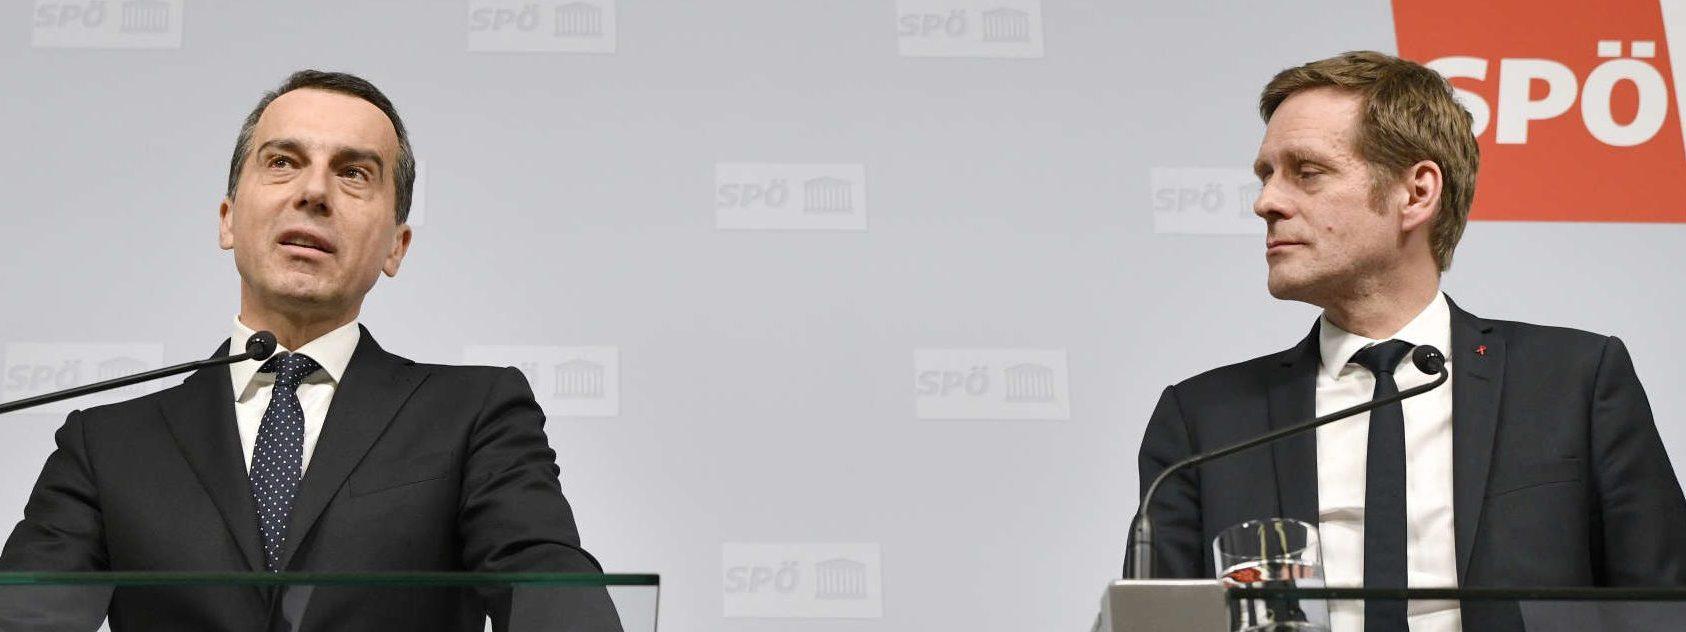 SPÖ-Chef Christian Kern (l.) und Jan Krainer — er wird den SPÖ-Fraktionsvorsitz im U-Ausschuss übernehmen — glauben, dass der BVT-Ausschuss im Juli oder August startklar sein werde.